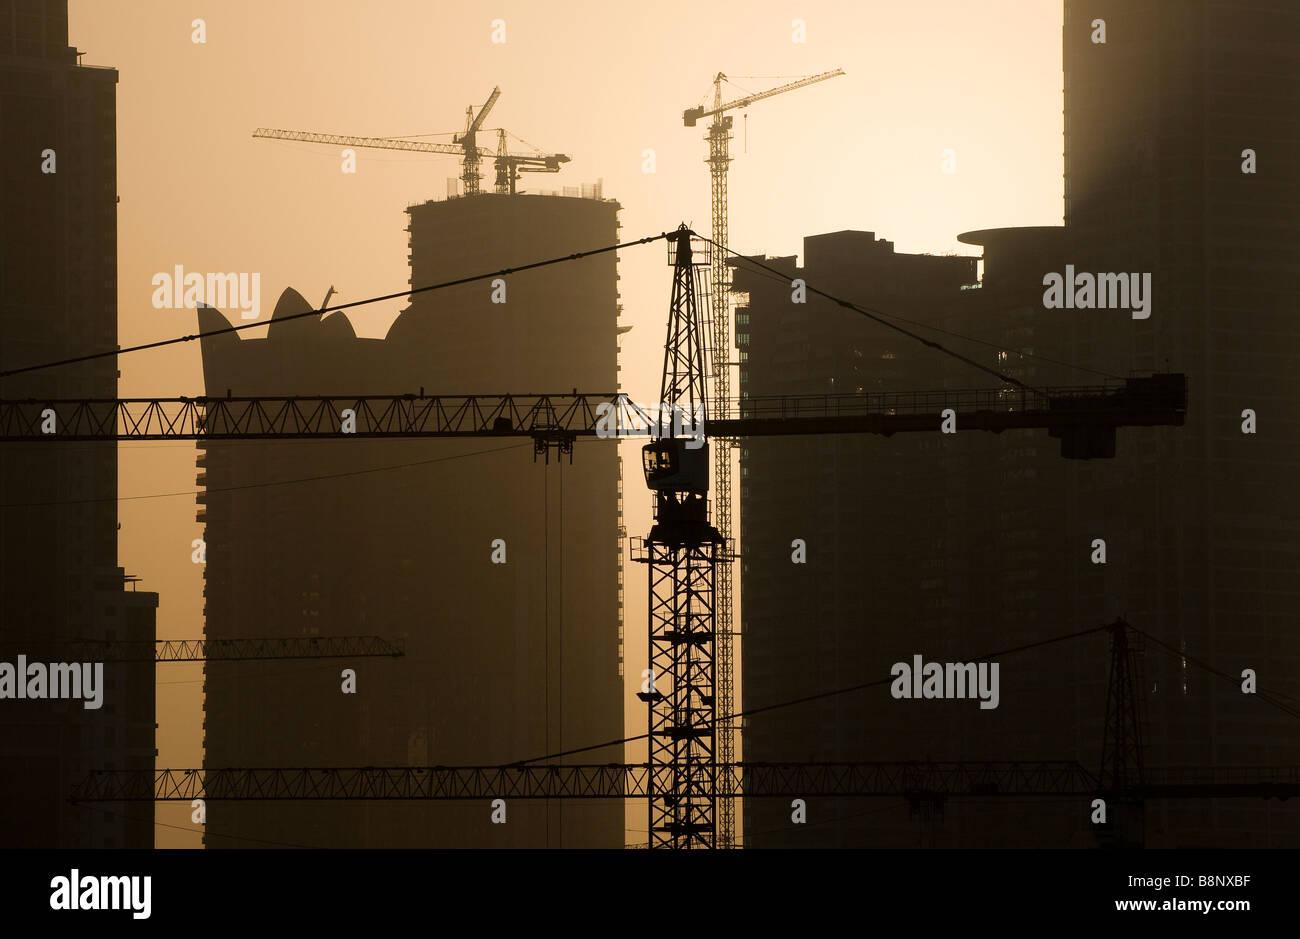 Dubai in costruzione, Emirati arabi uniti Immagini Stock